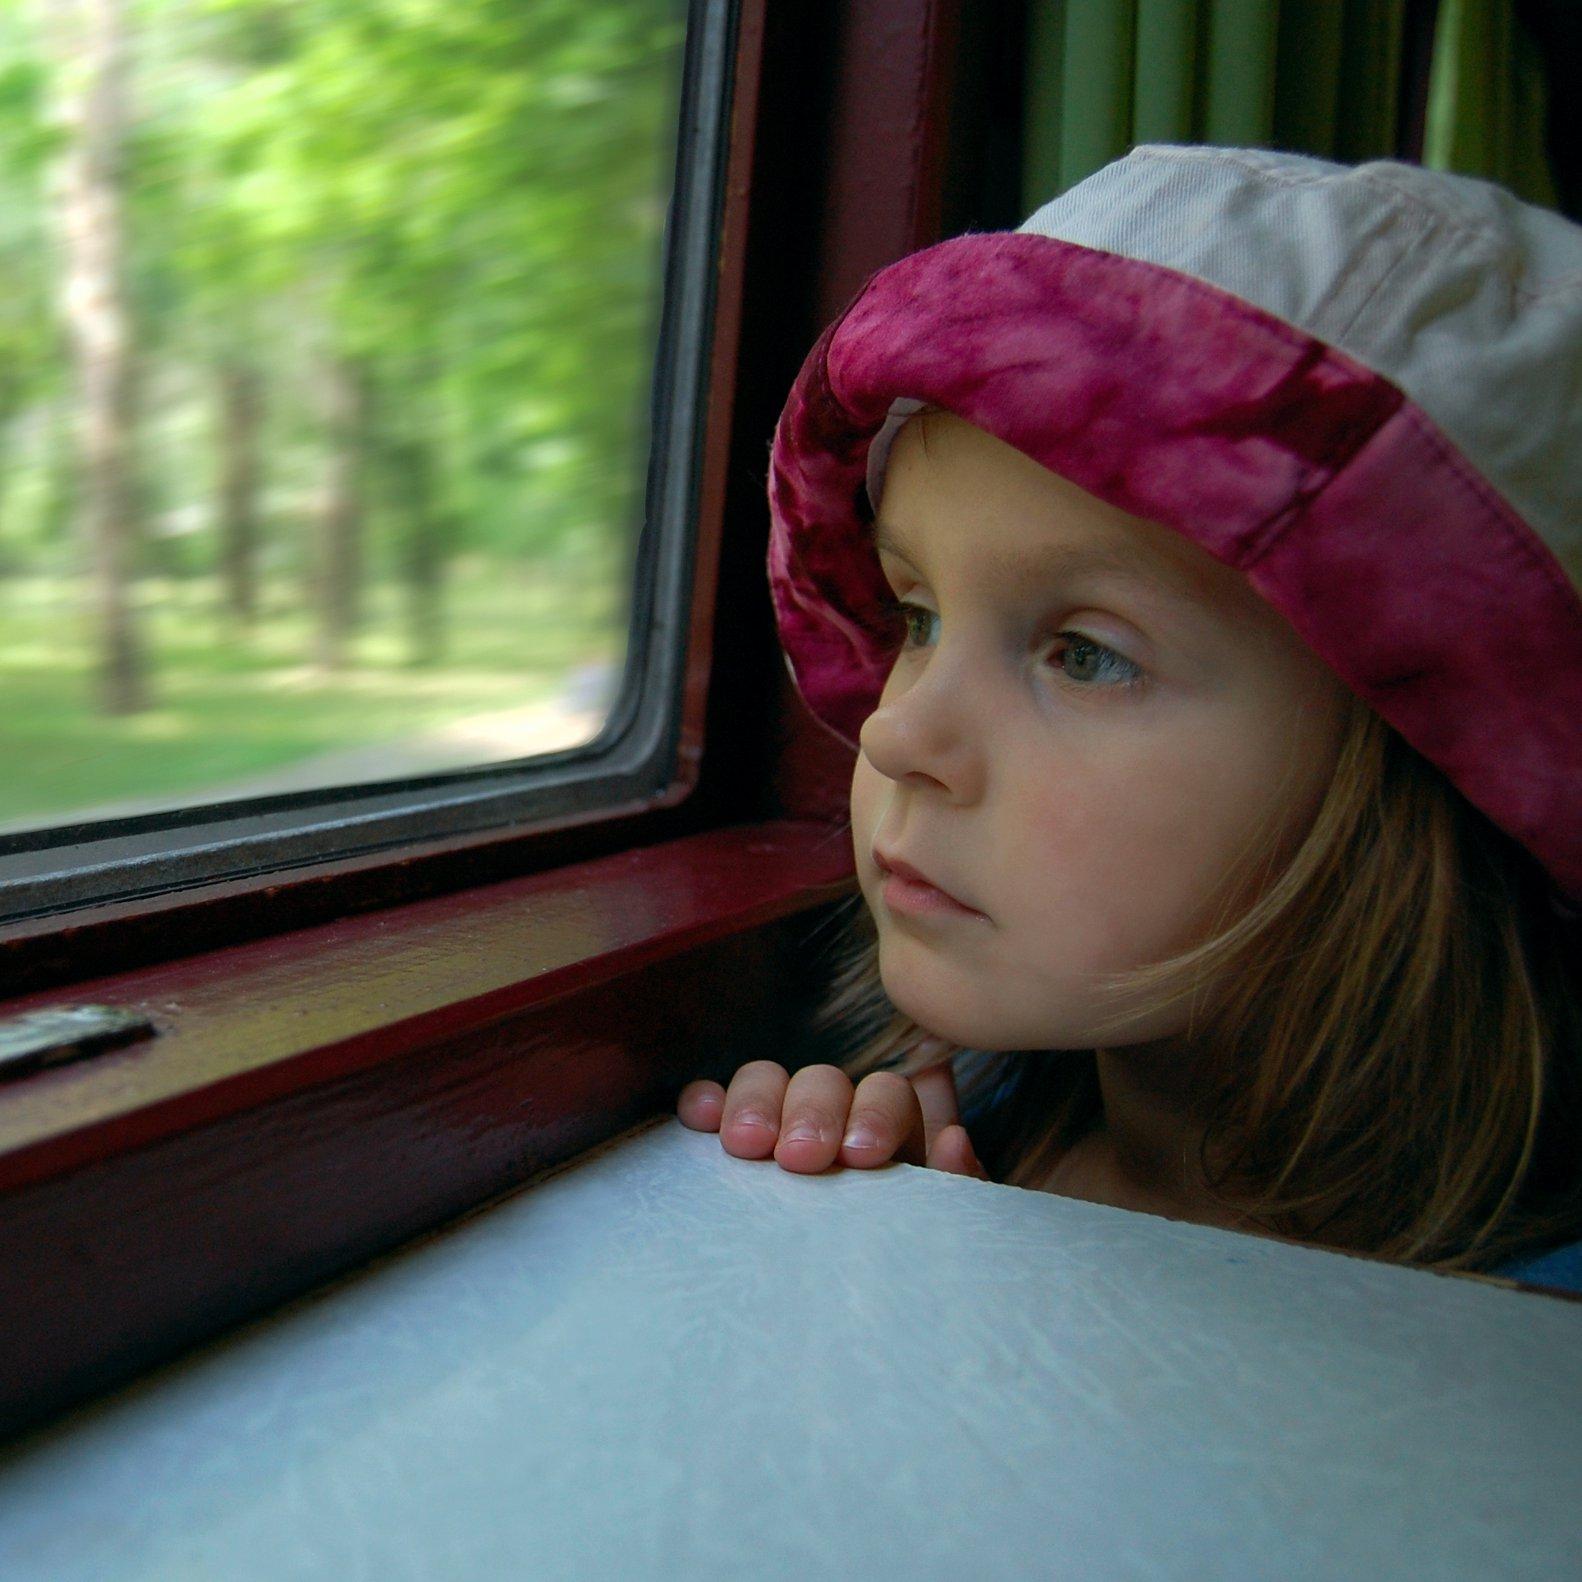 Allein Unterwegs: Was Sie Ihrem Kind Zutrauen Können über Ab Welchem Alter Dürfen Kinder Alleine Zu Hause Bleiben